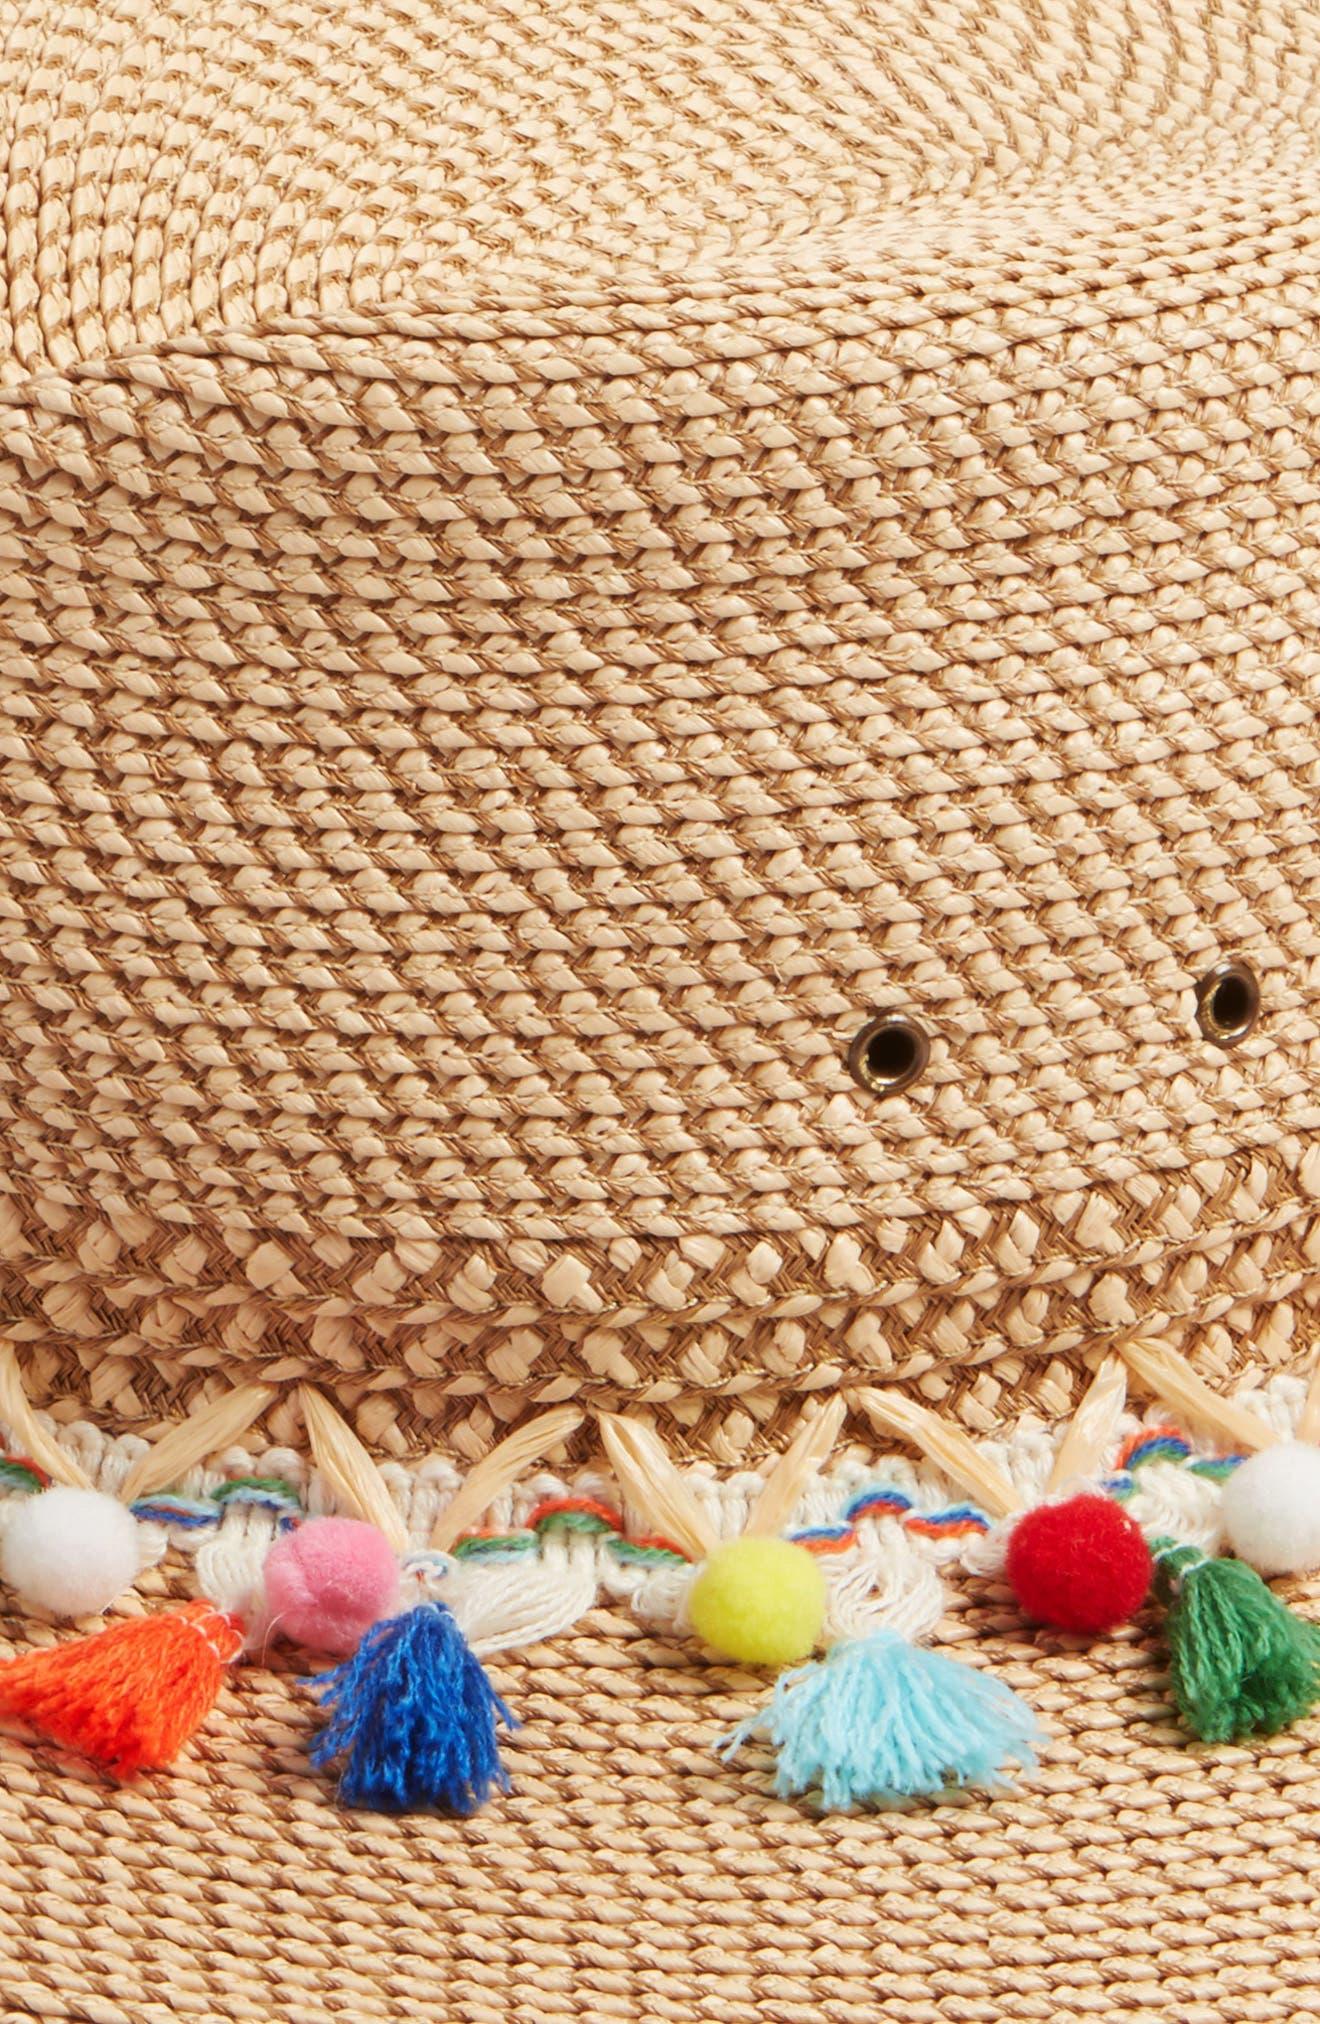 Bahia Sun Hat,                             Alternate thumbnail 2, color,                             Peanut Mix